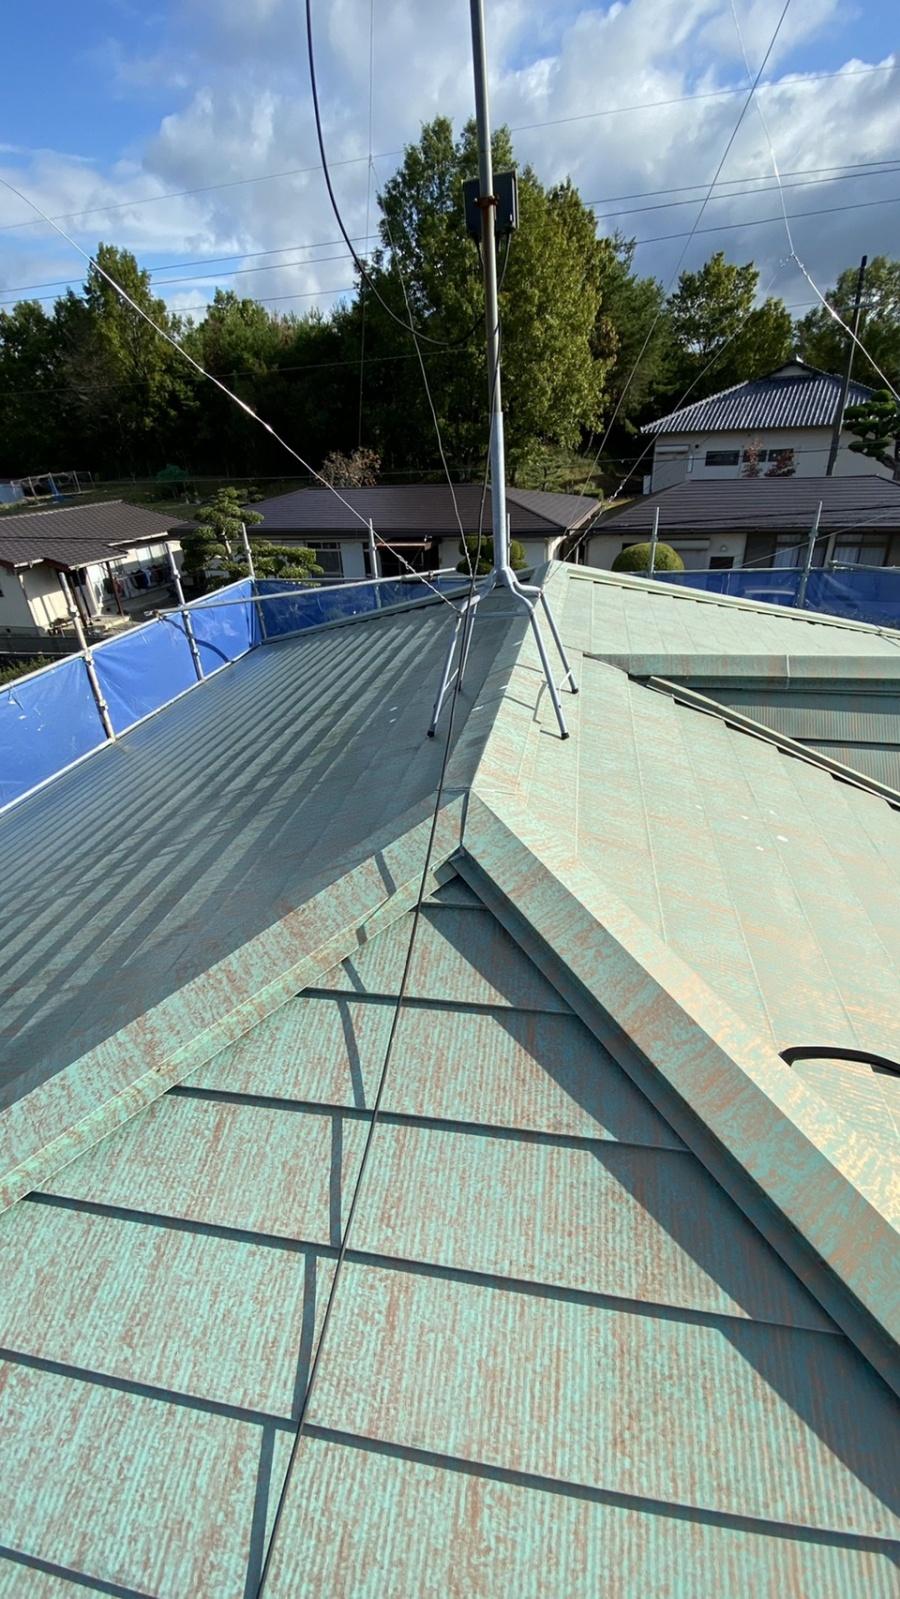 神戸市須磨区で屋根リフォーム!色あせした金属屋根を塗装しました